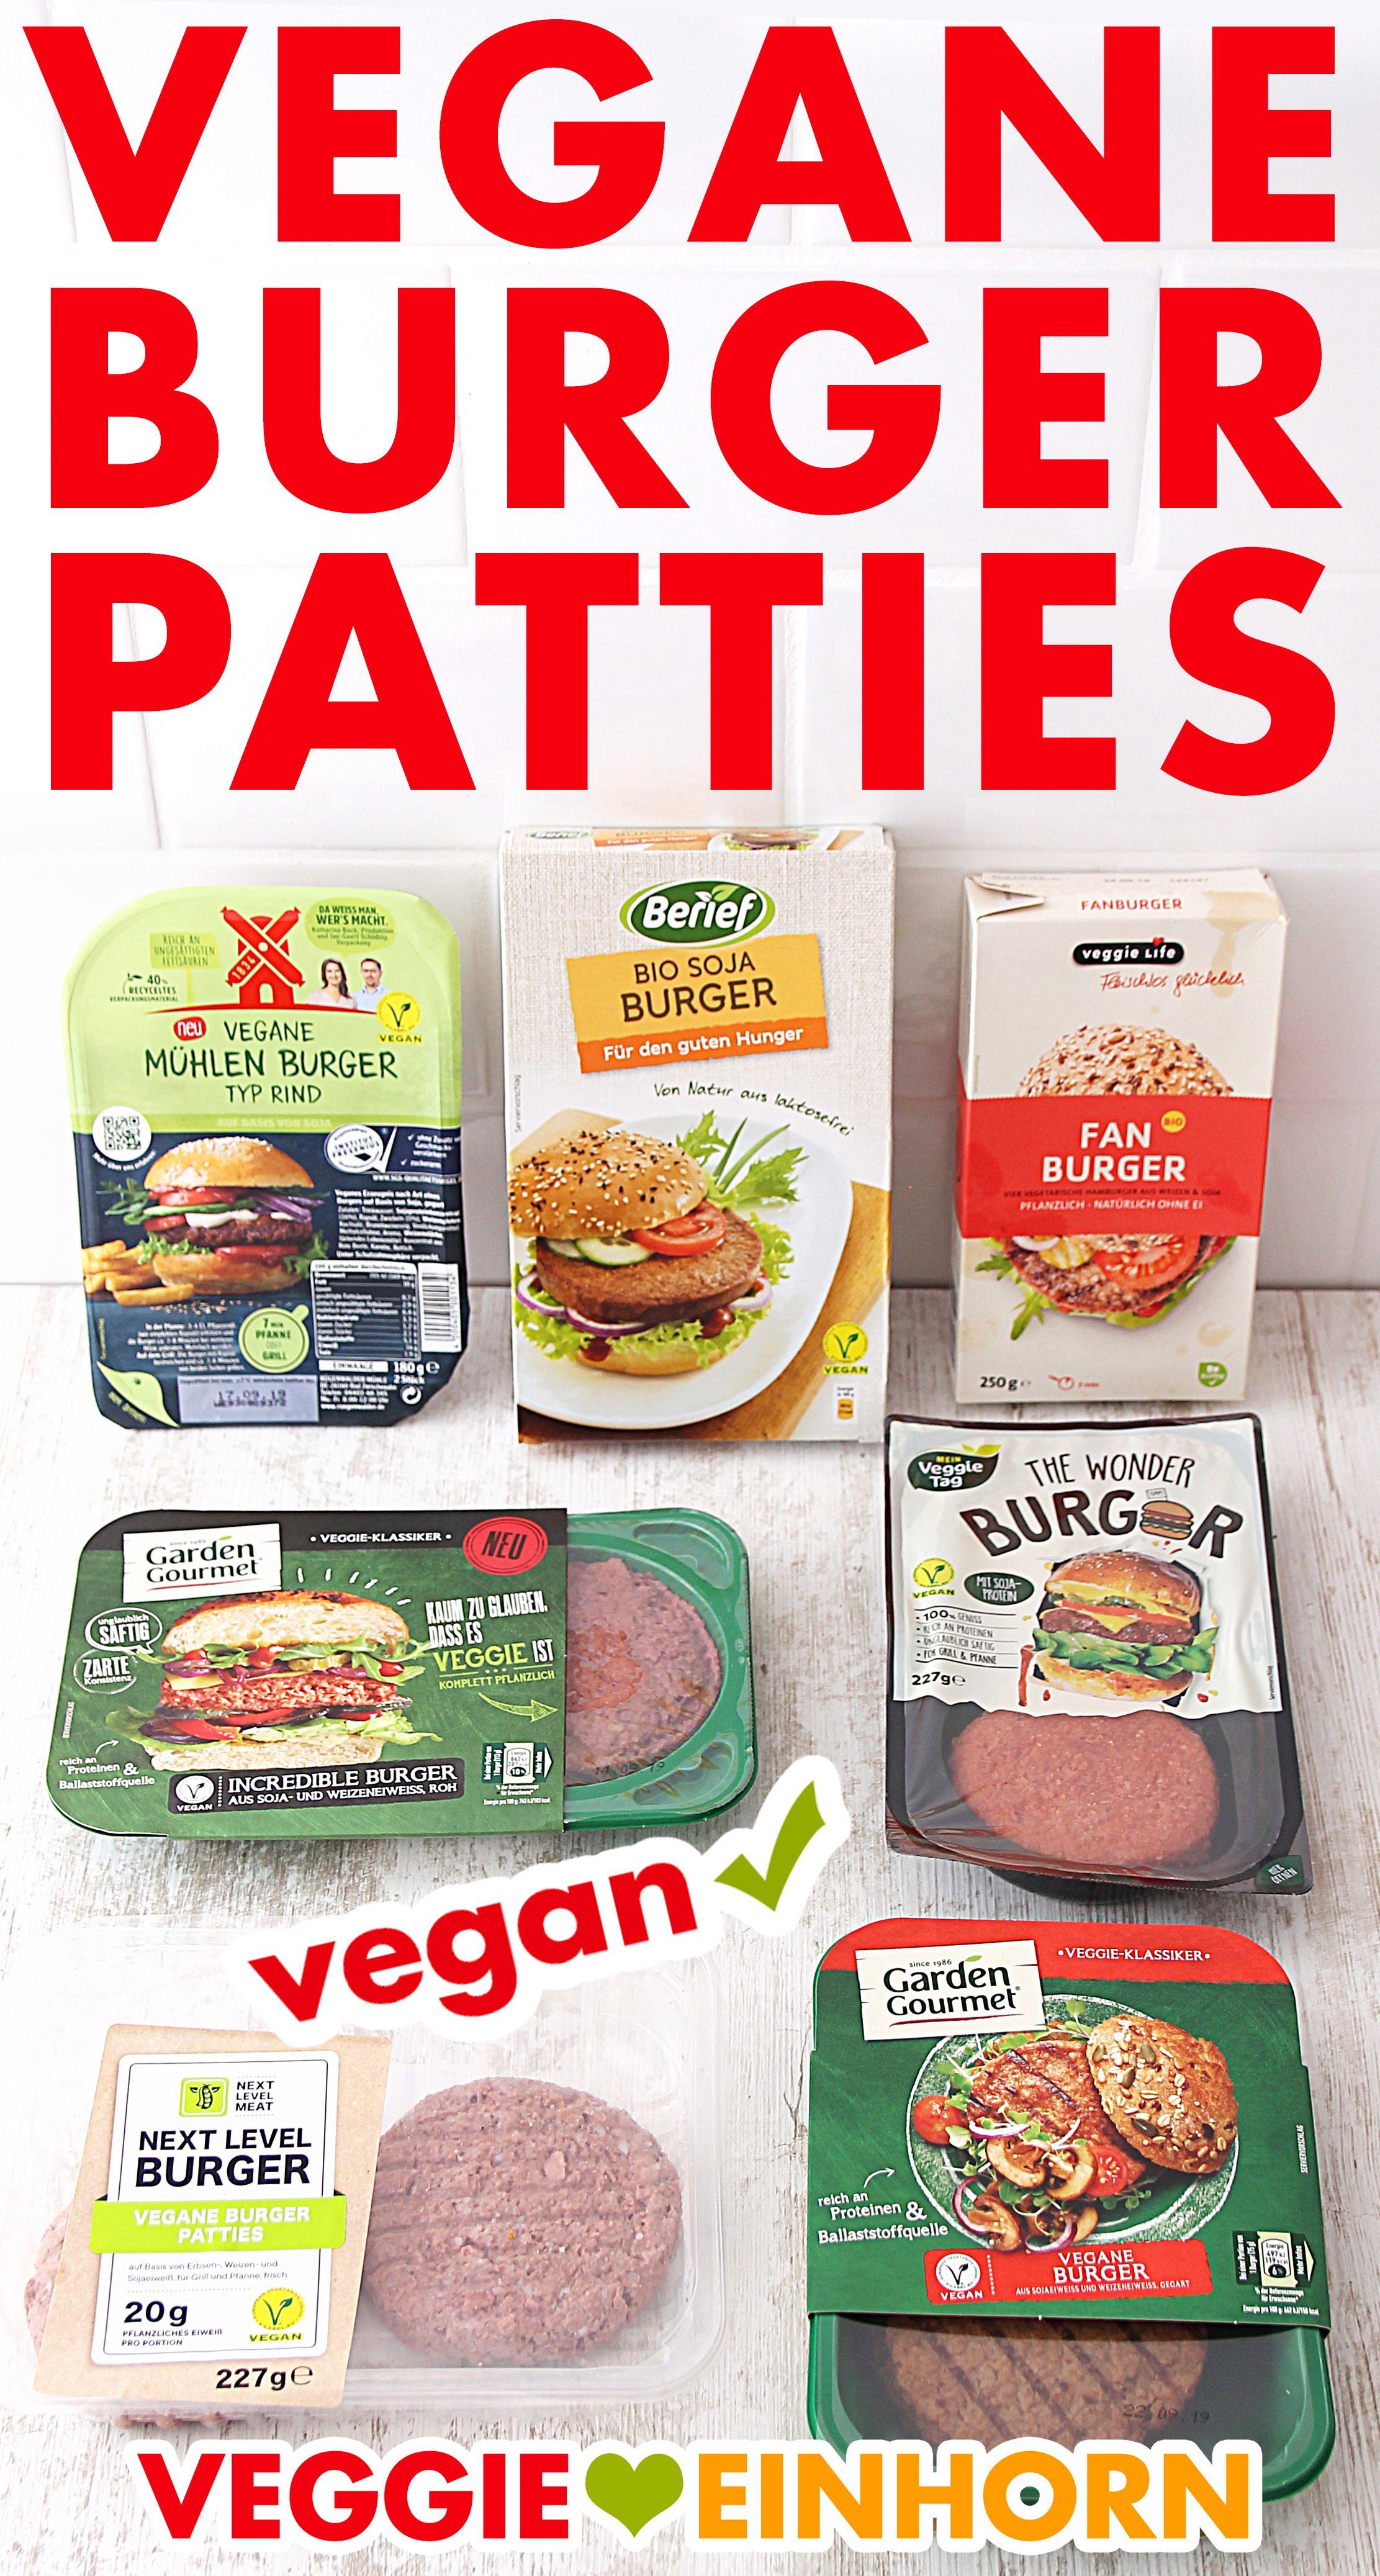 Vegane Burger Patties Aus Dem Supermarkt Vegane Burger Vegane Fleischersatz